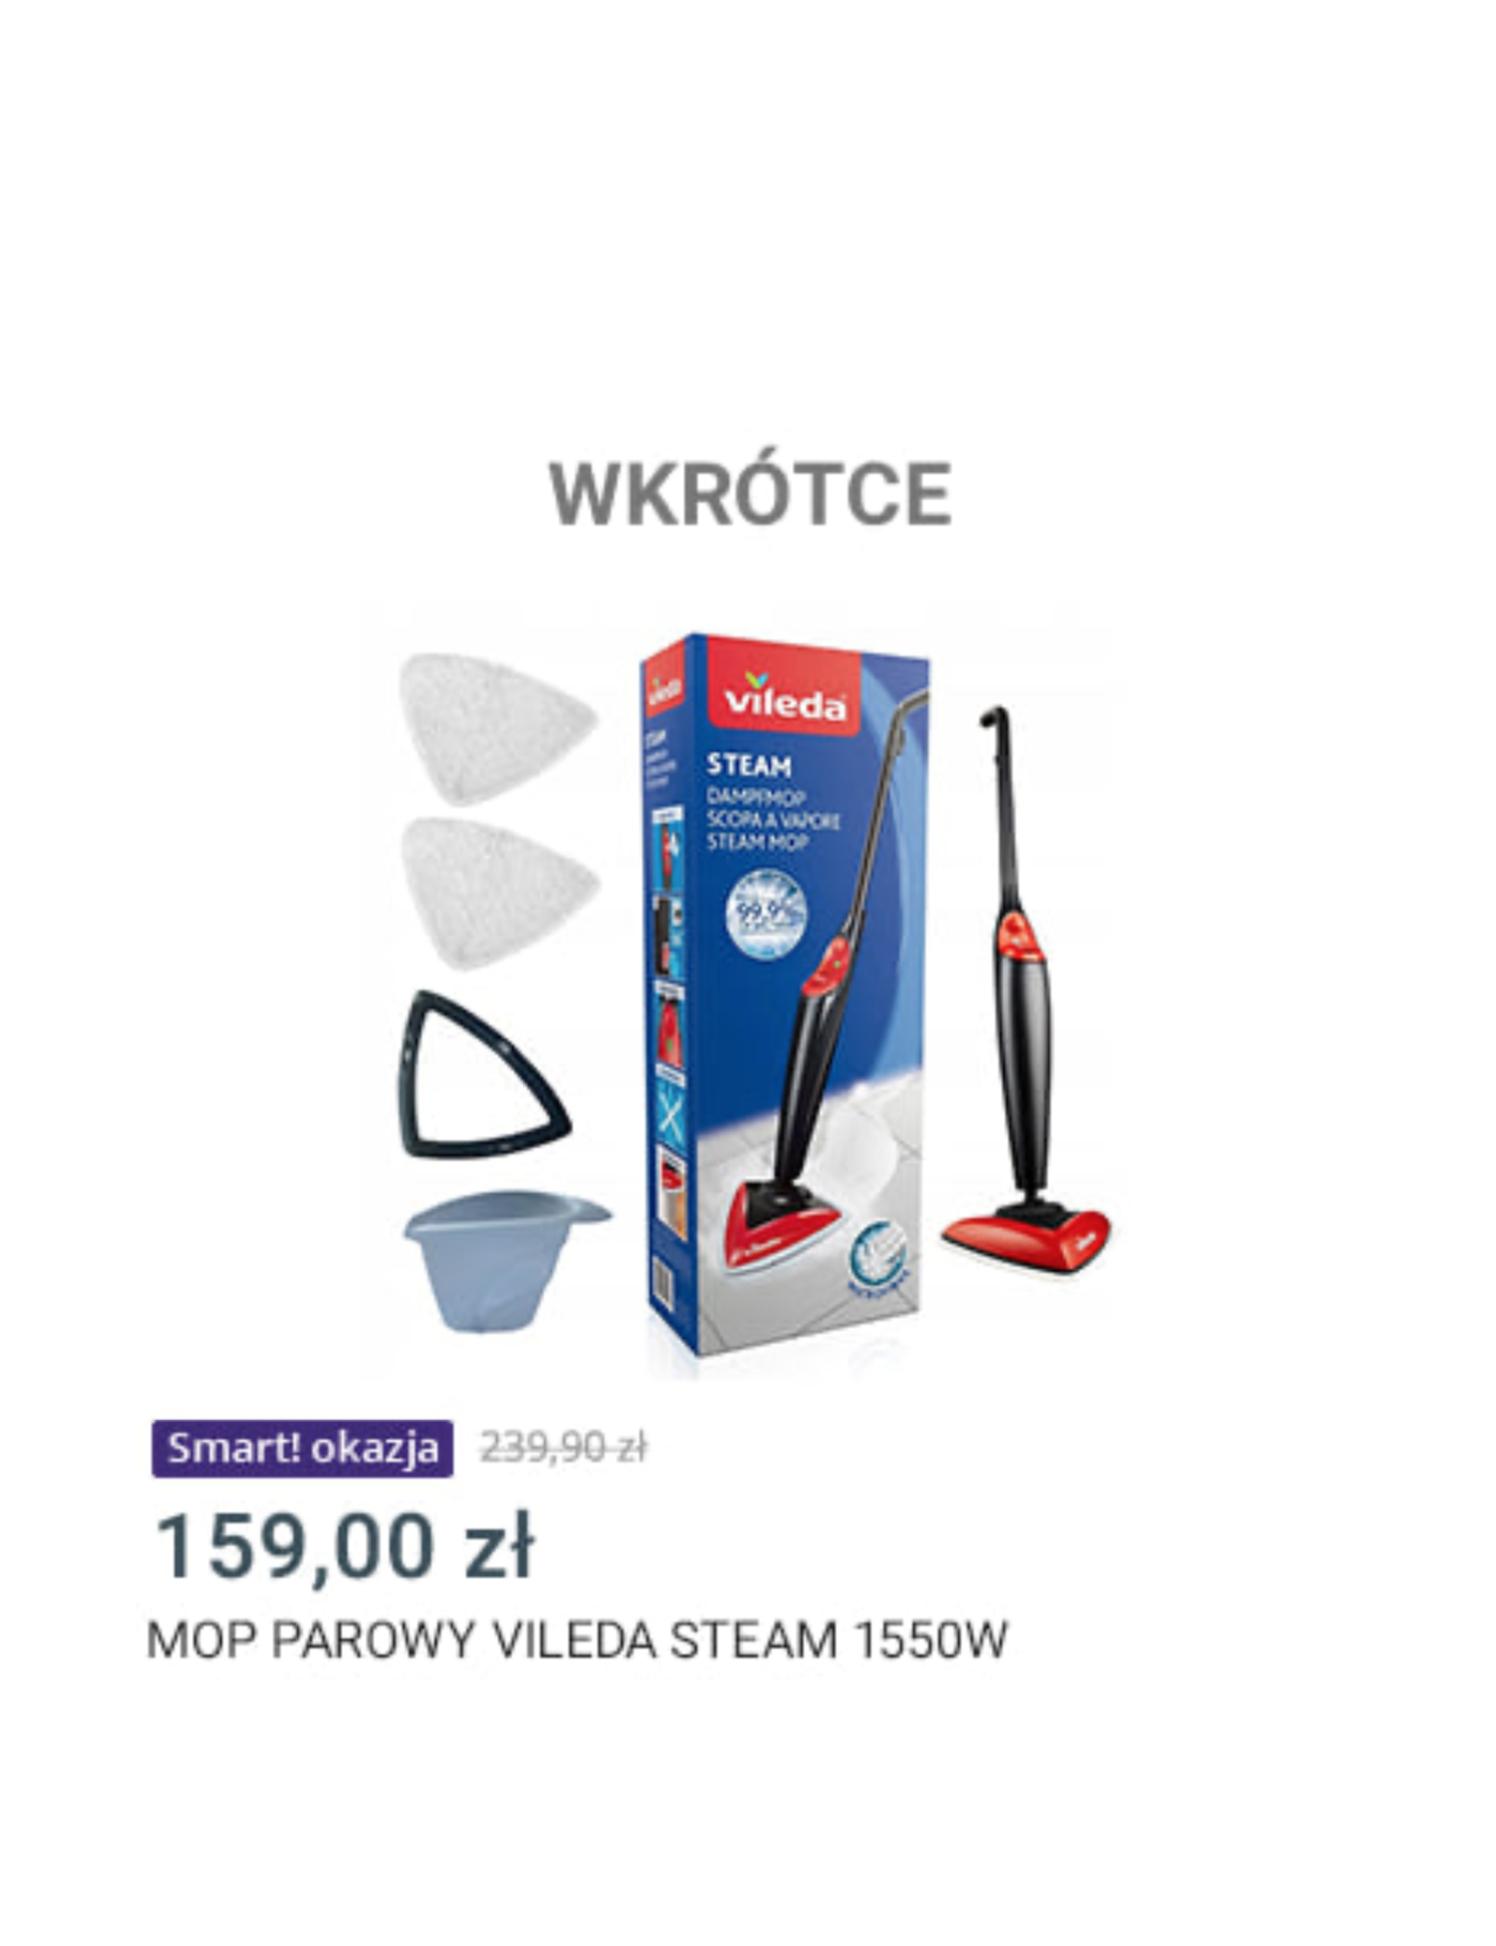 Mop parowy vileda steam 1550w allegro smart_week wkrótce